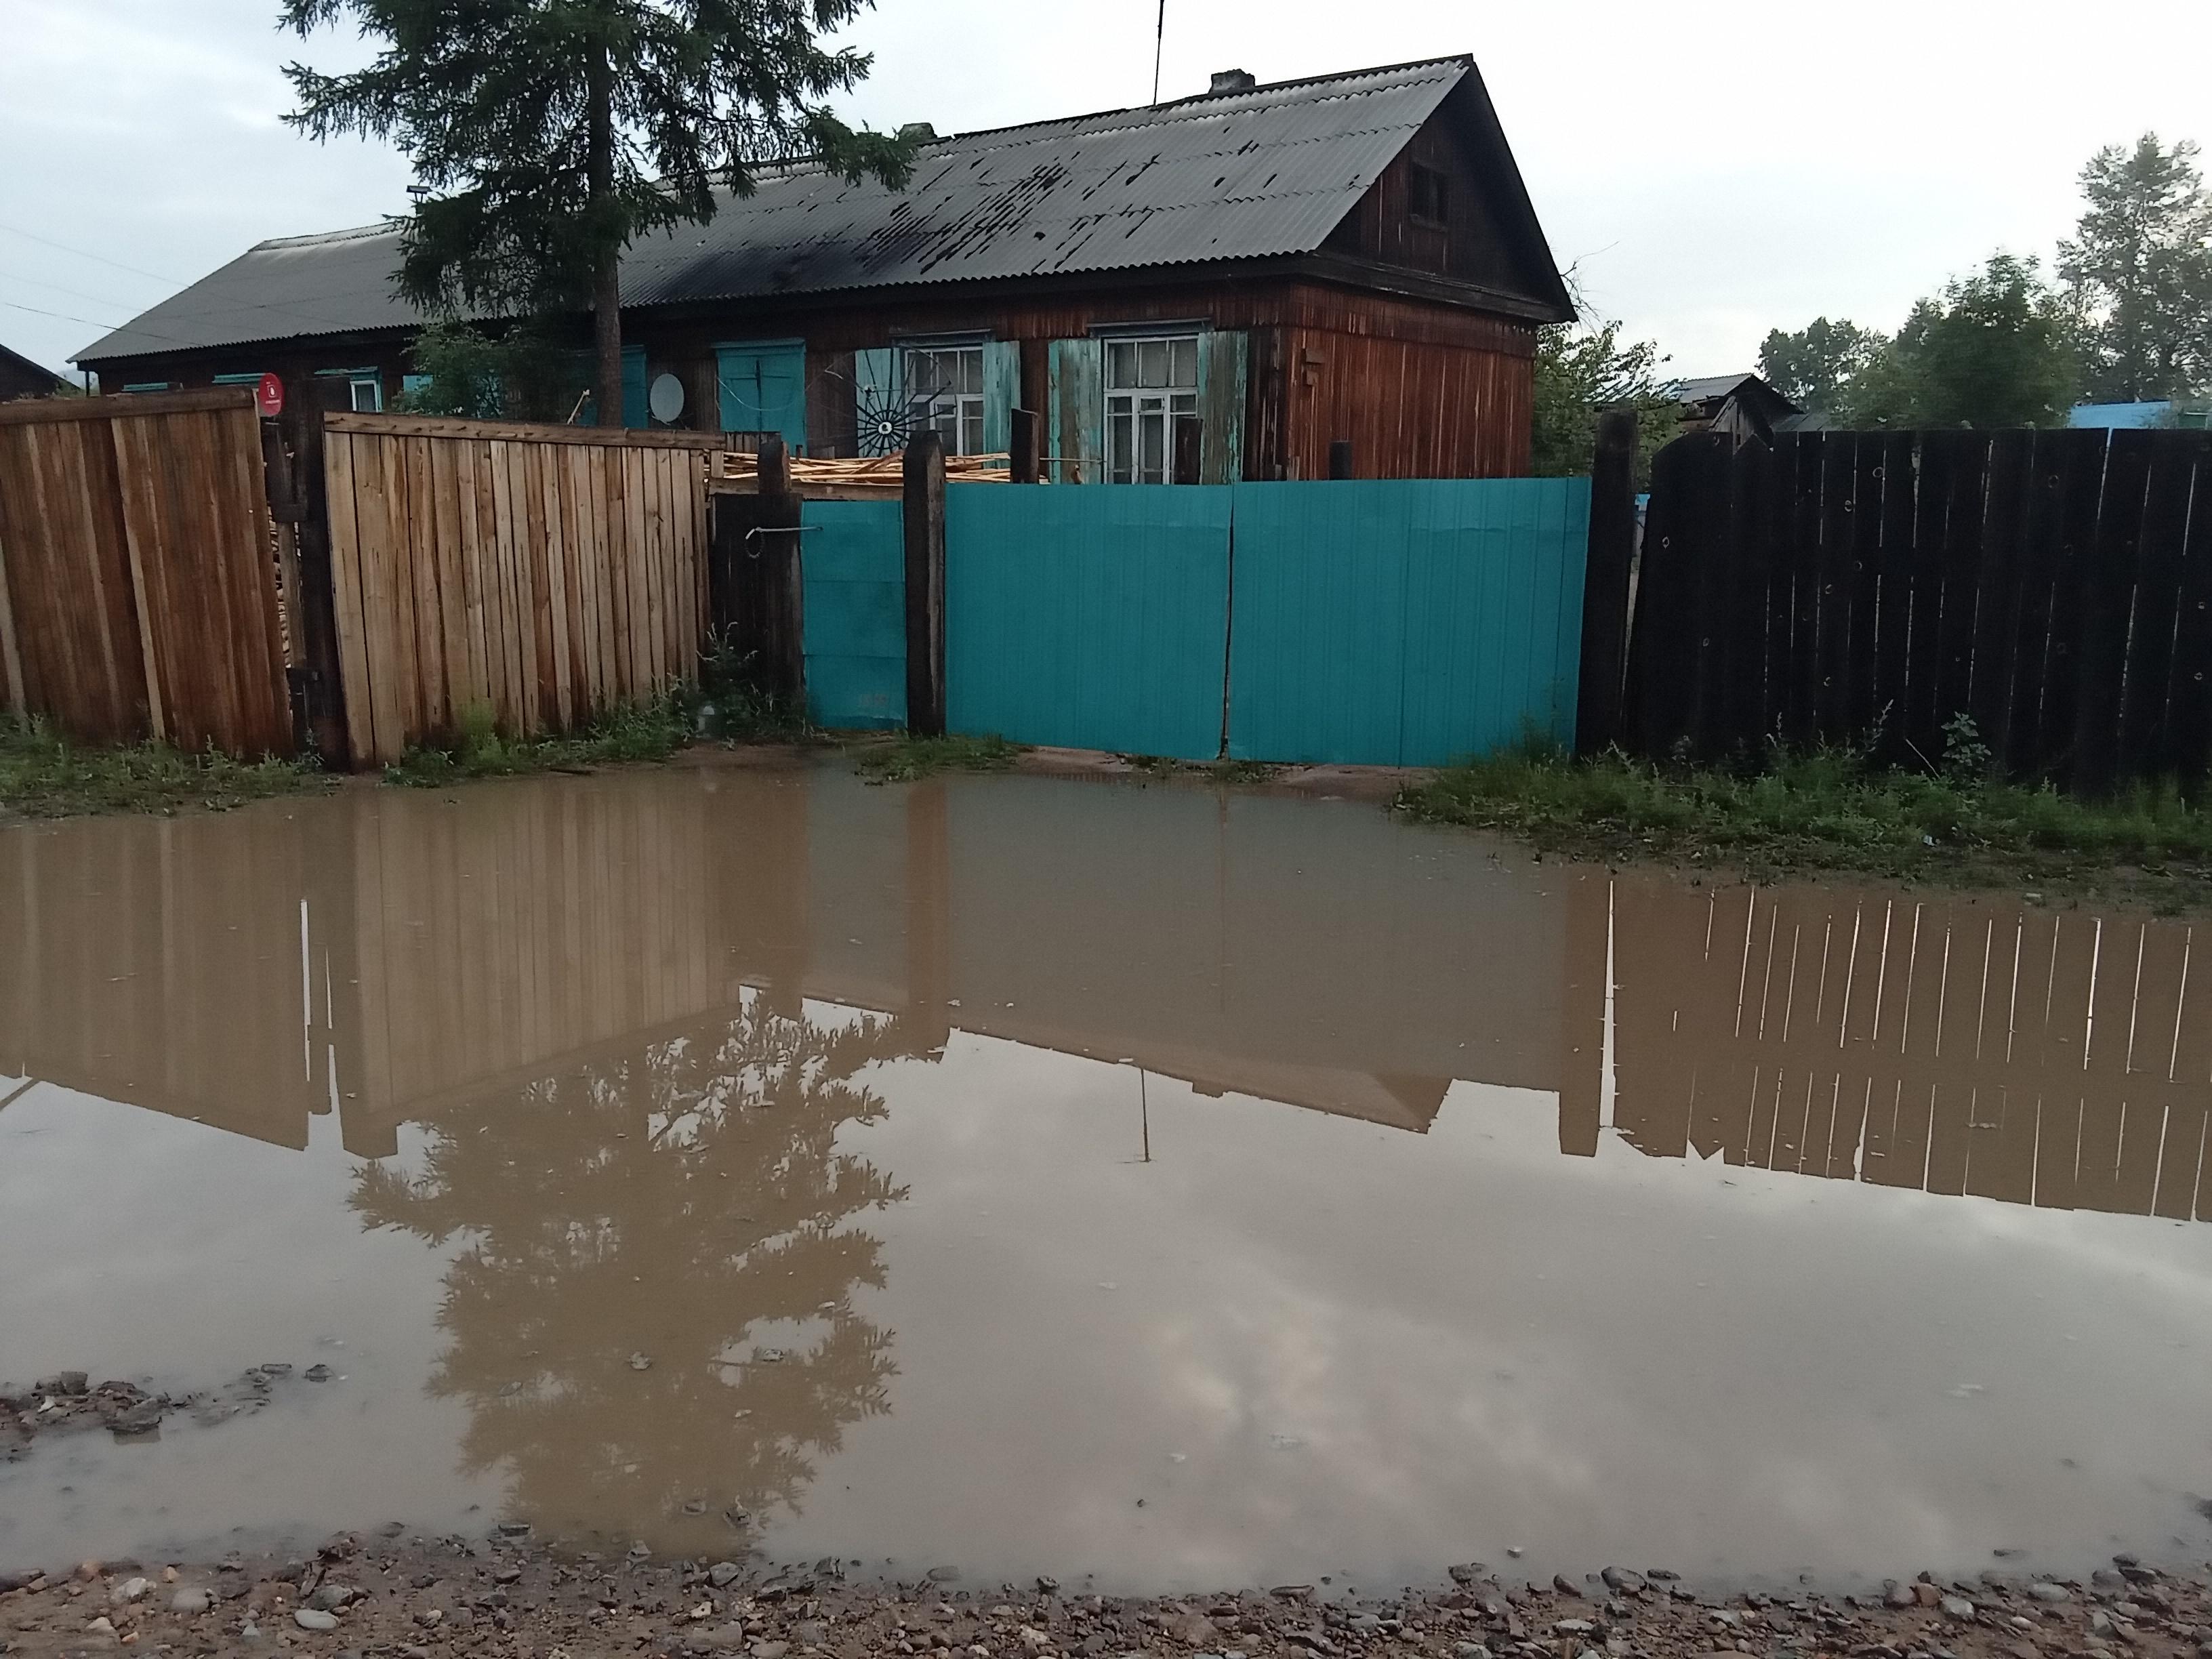 Жители Новопавловки пожаловались на постоянные подтопления из-за благоустройства поселка